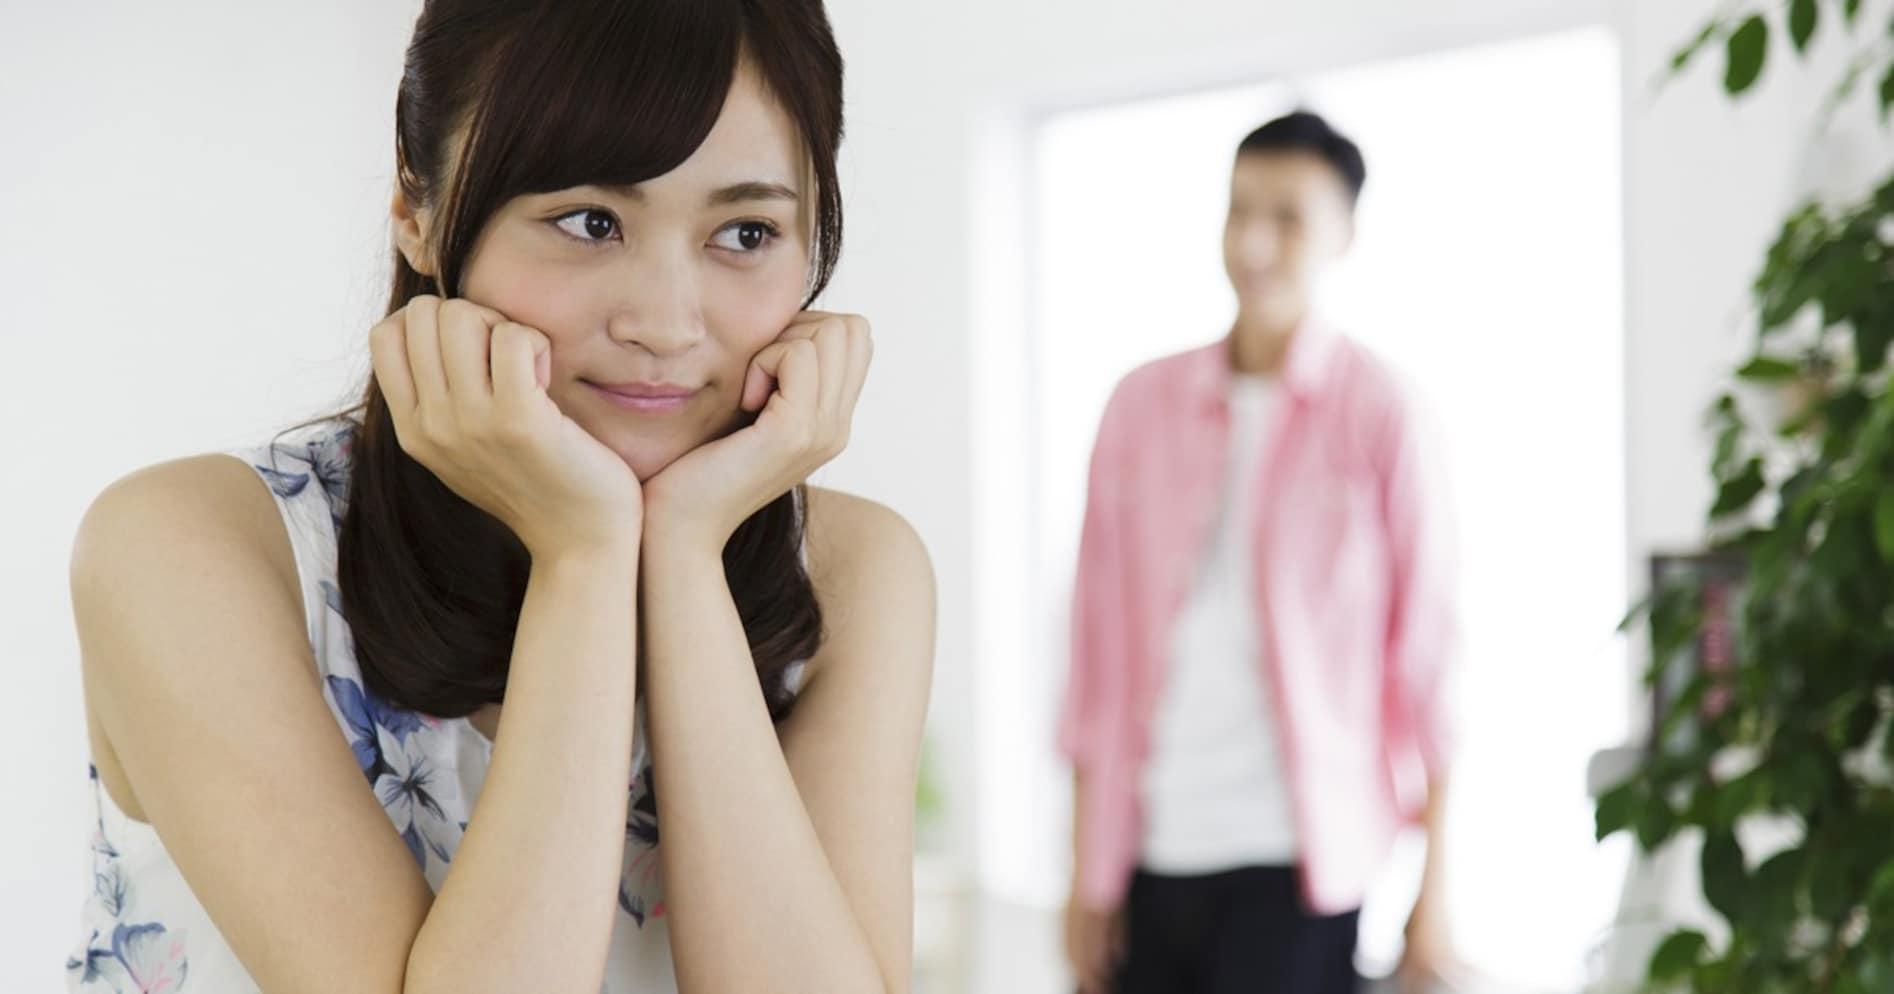 「名前を呼んでくれない彼氏を持つ女性」に対するアドバイス